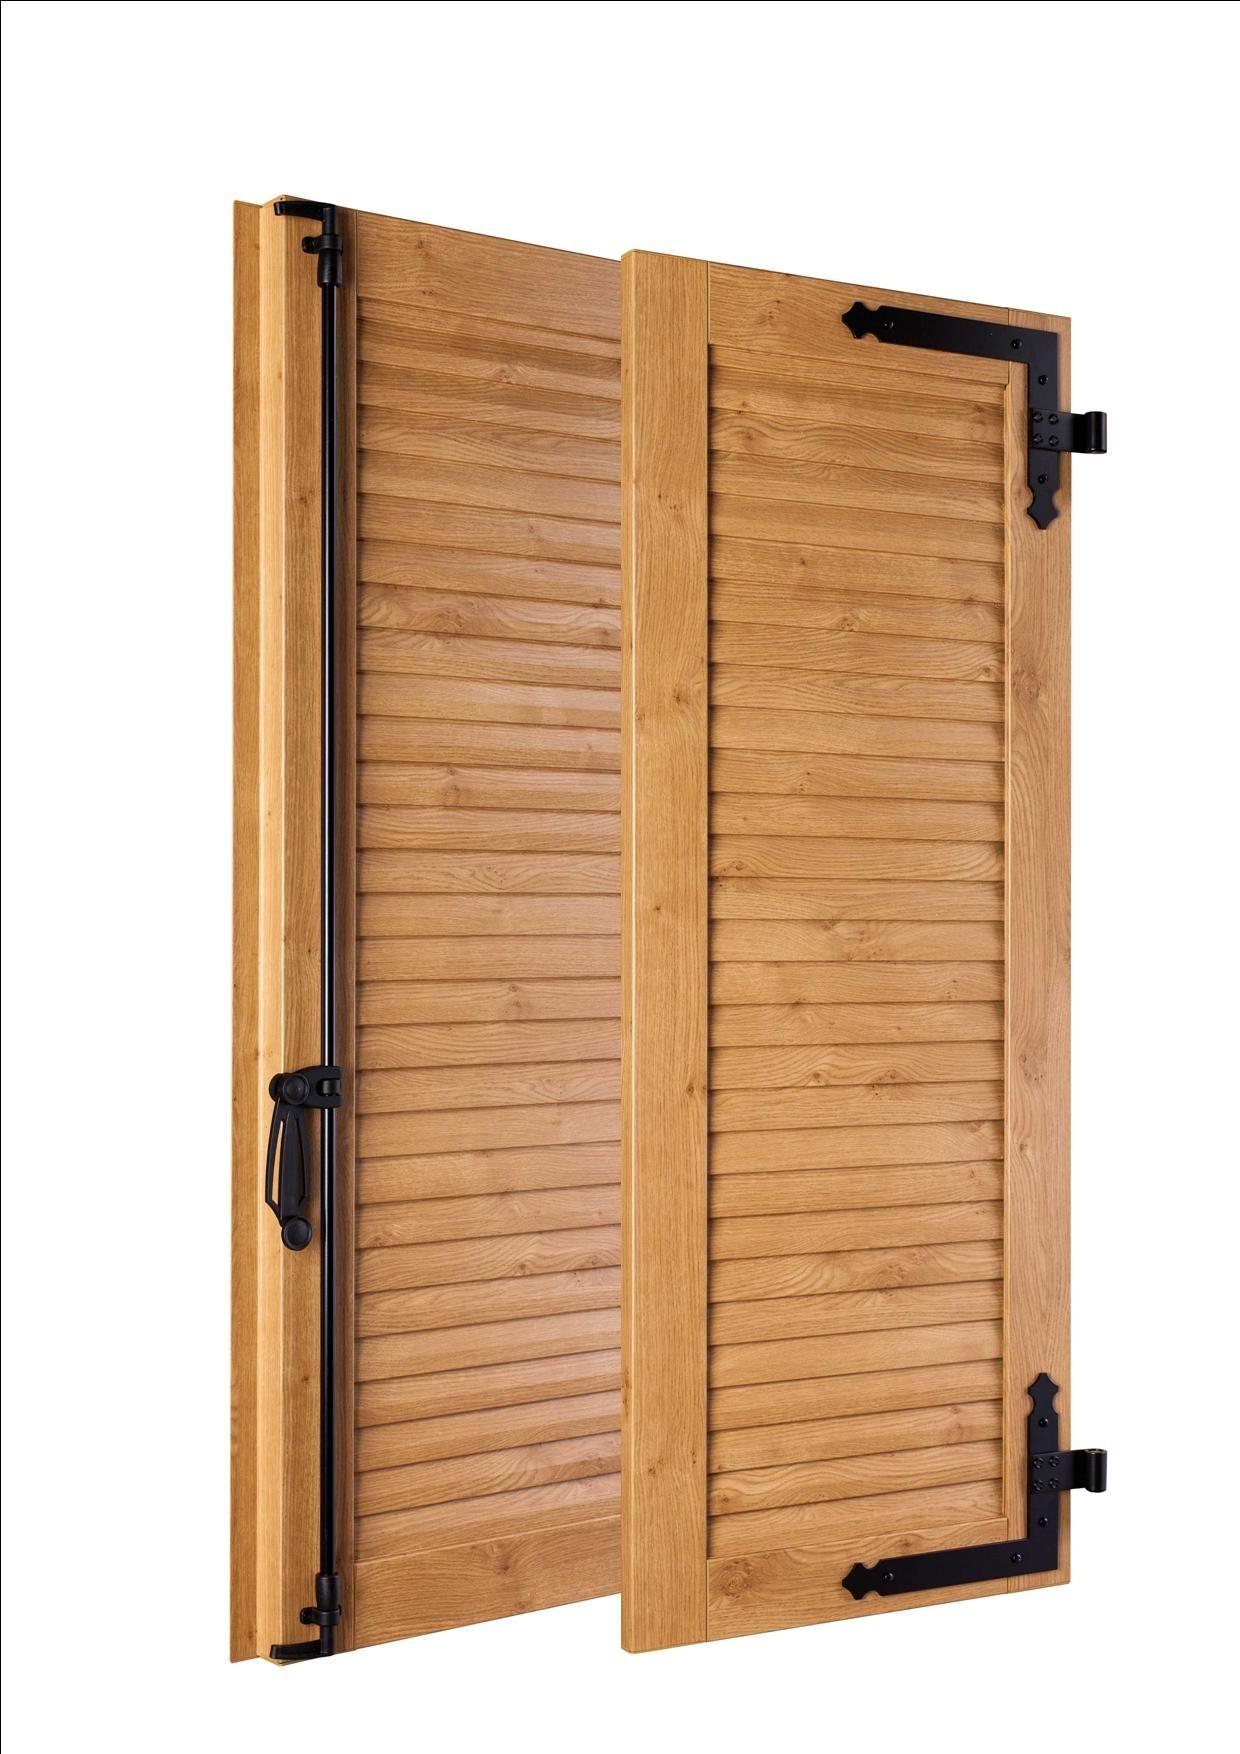 Volets Battants En Pvc Persiennes A Lames Jointives Toutes Lames Couleur Chene Irlandais Tall Cabinet Storage Tall Storage Storage Cabinet